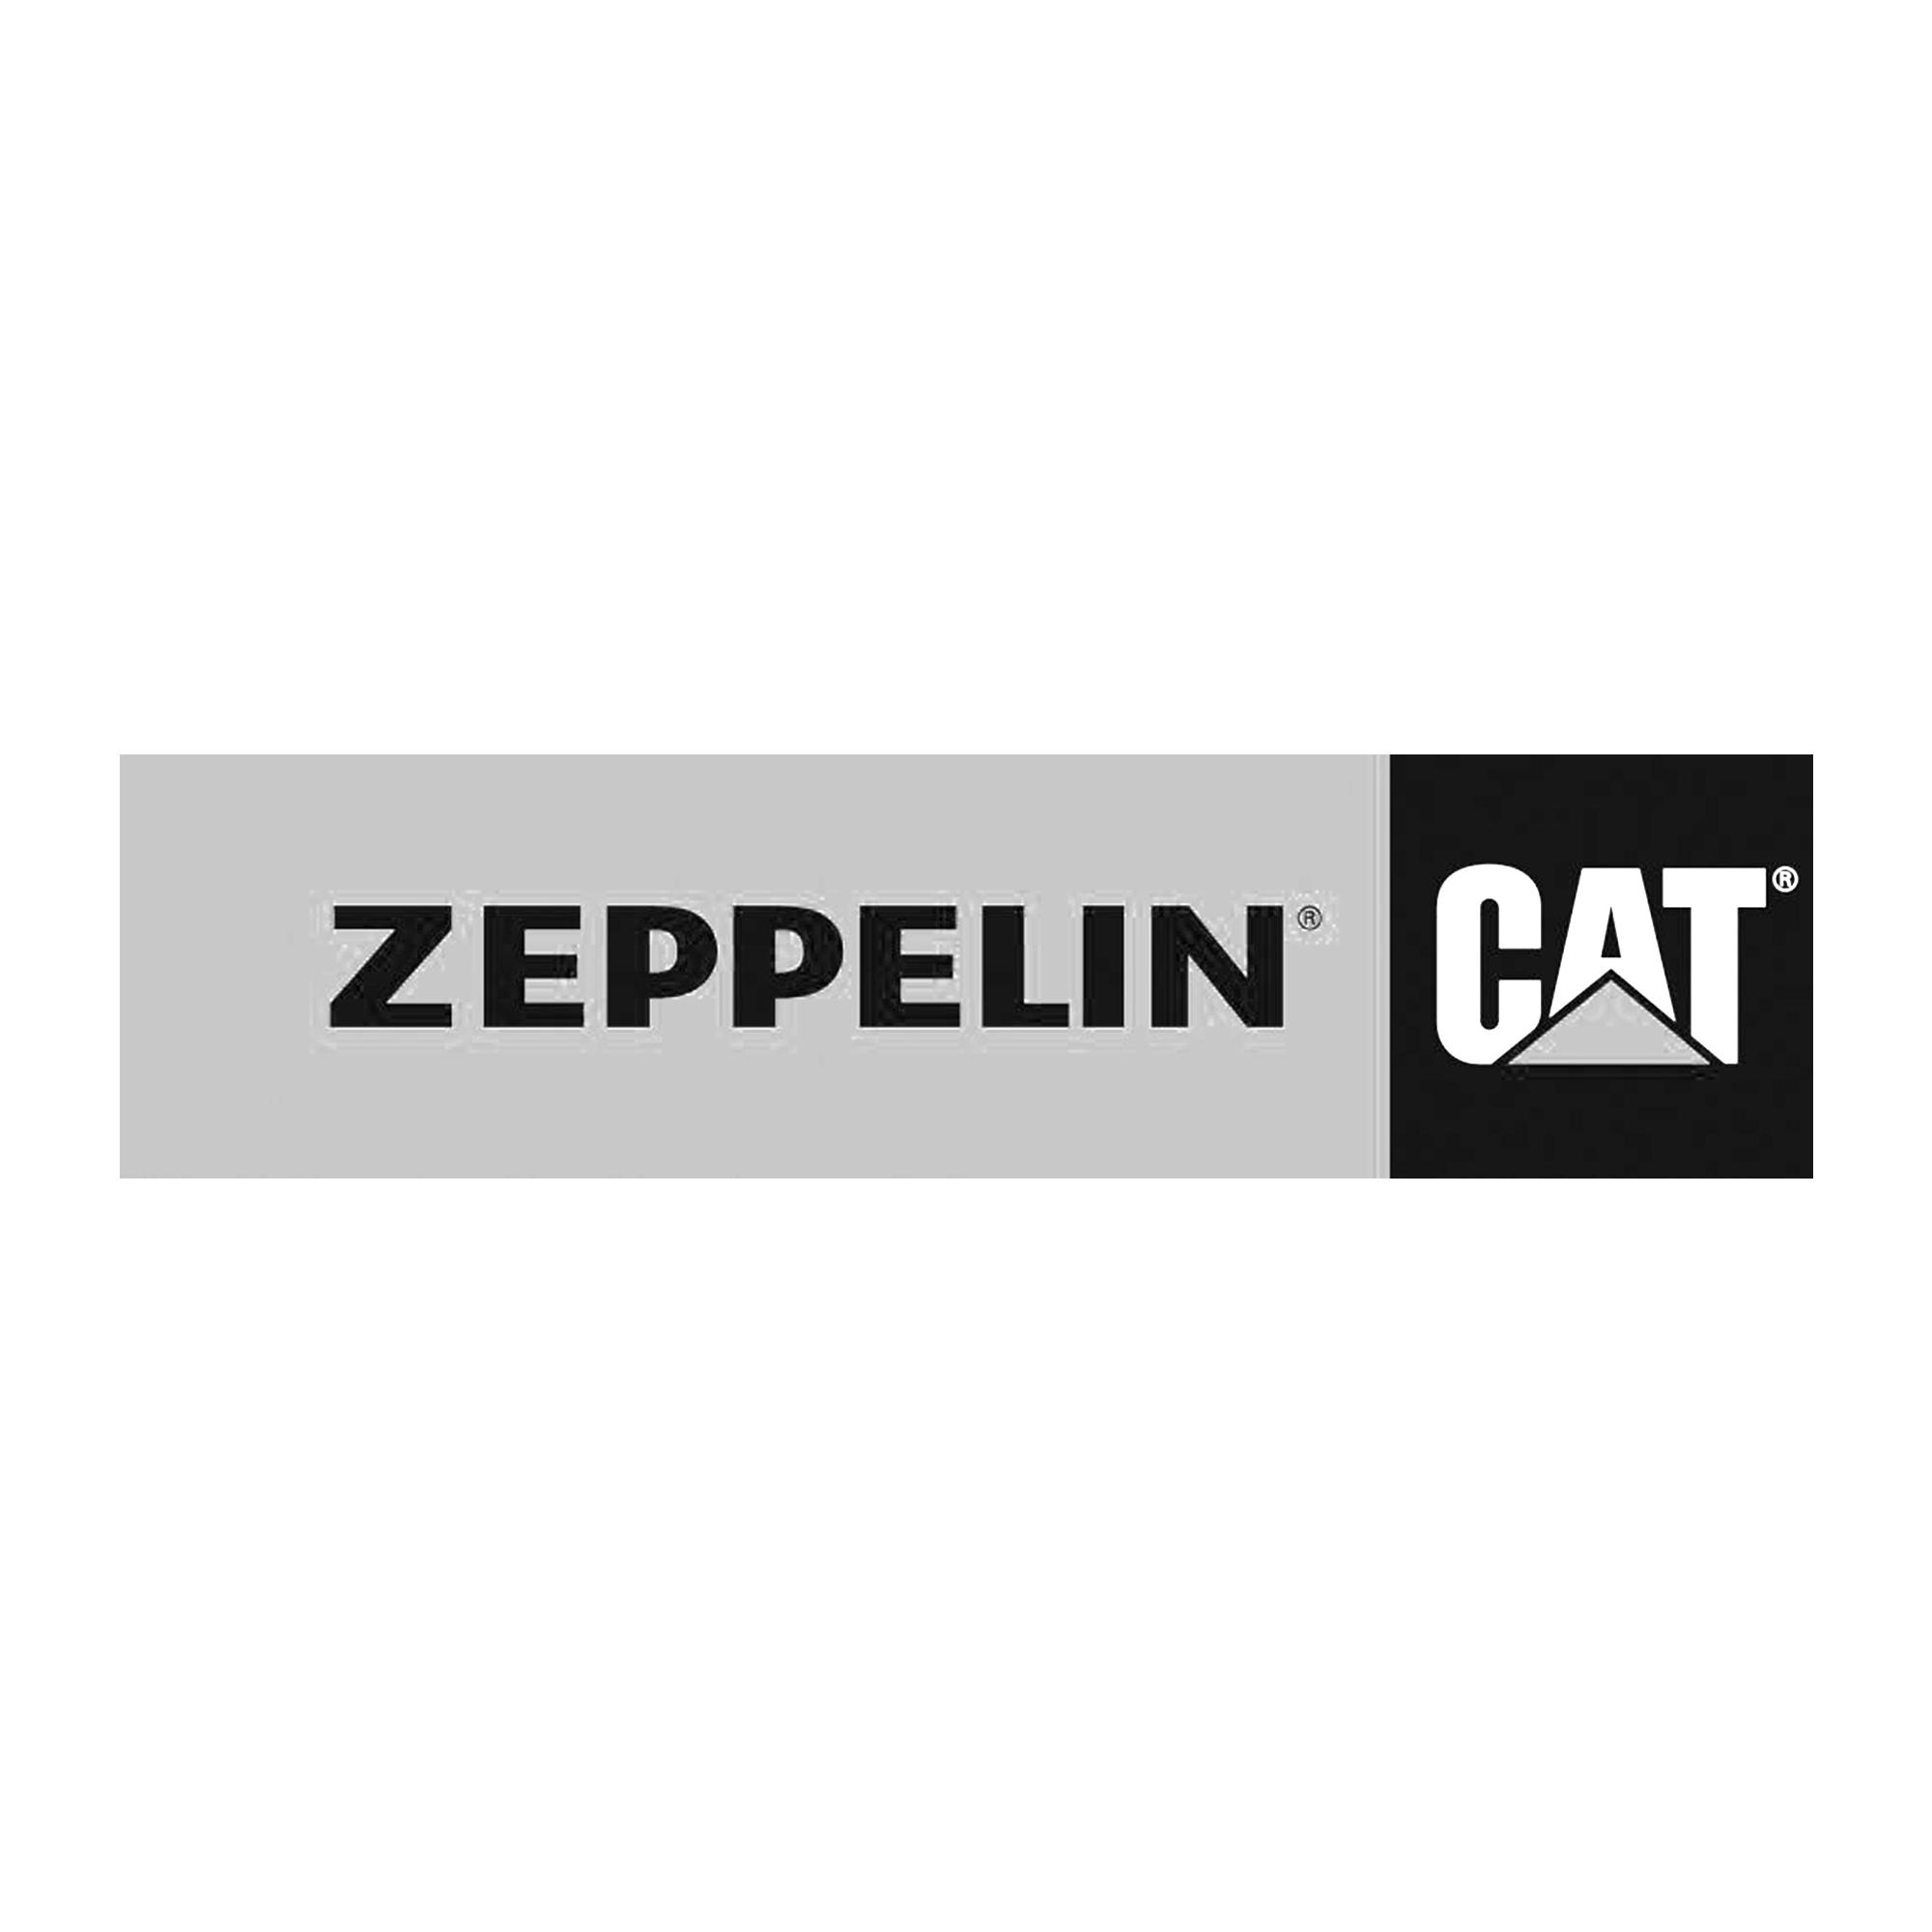 www.zeppelin-cat.at